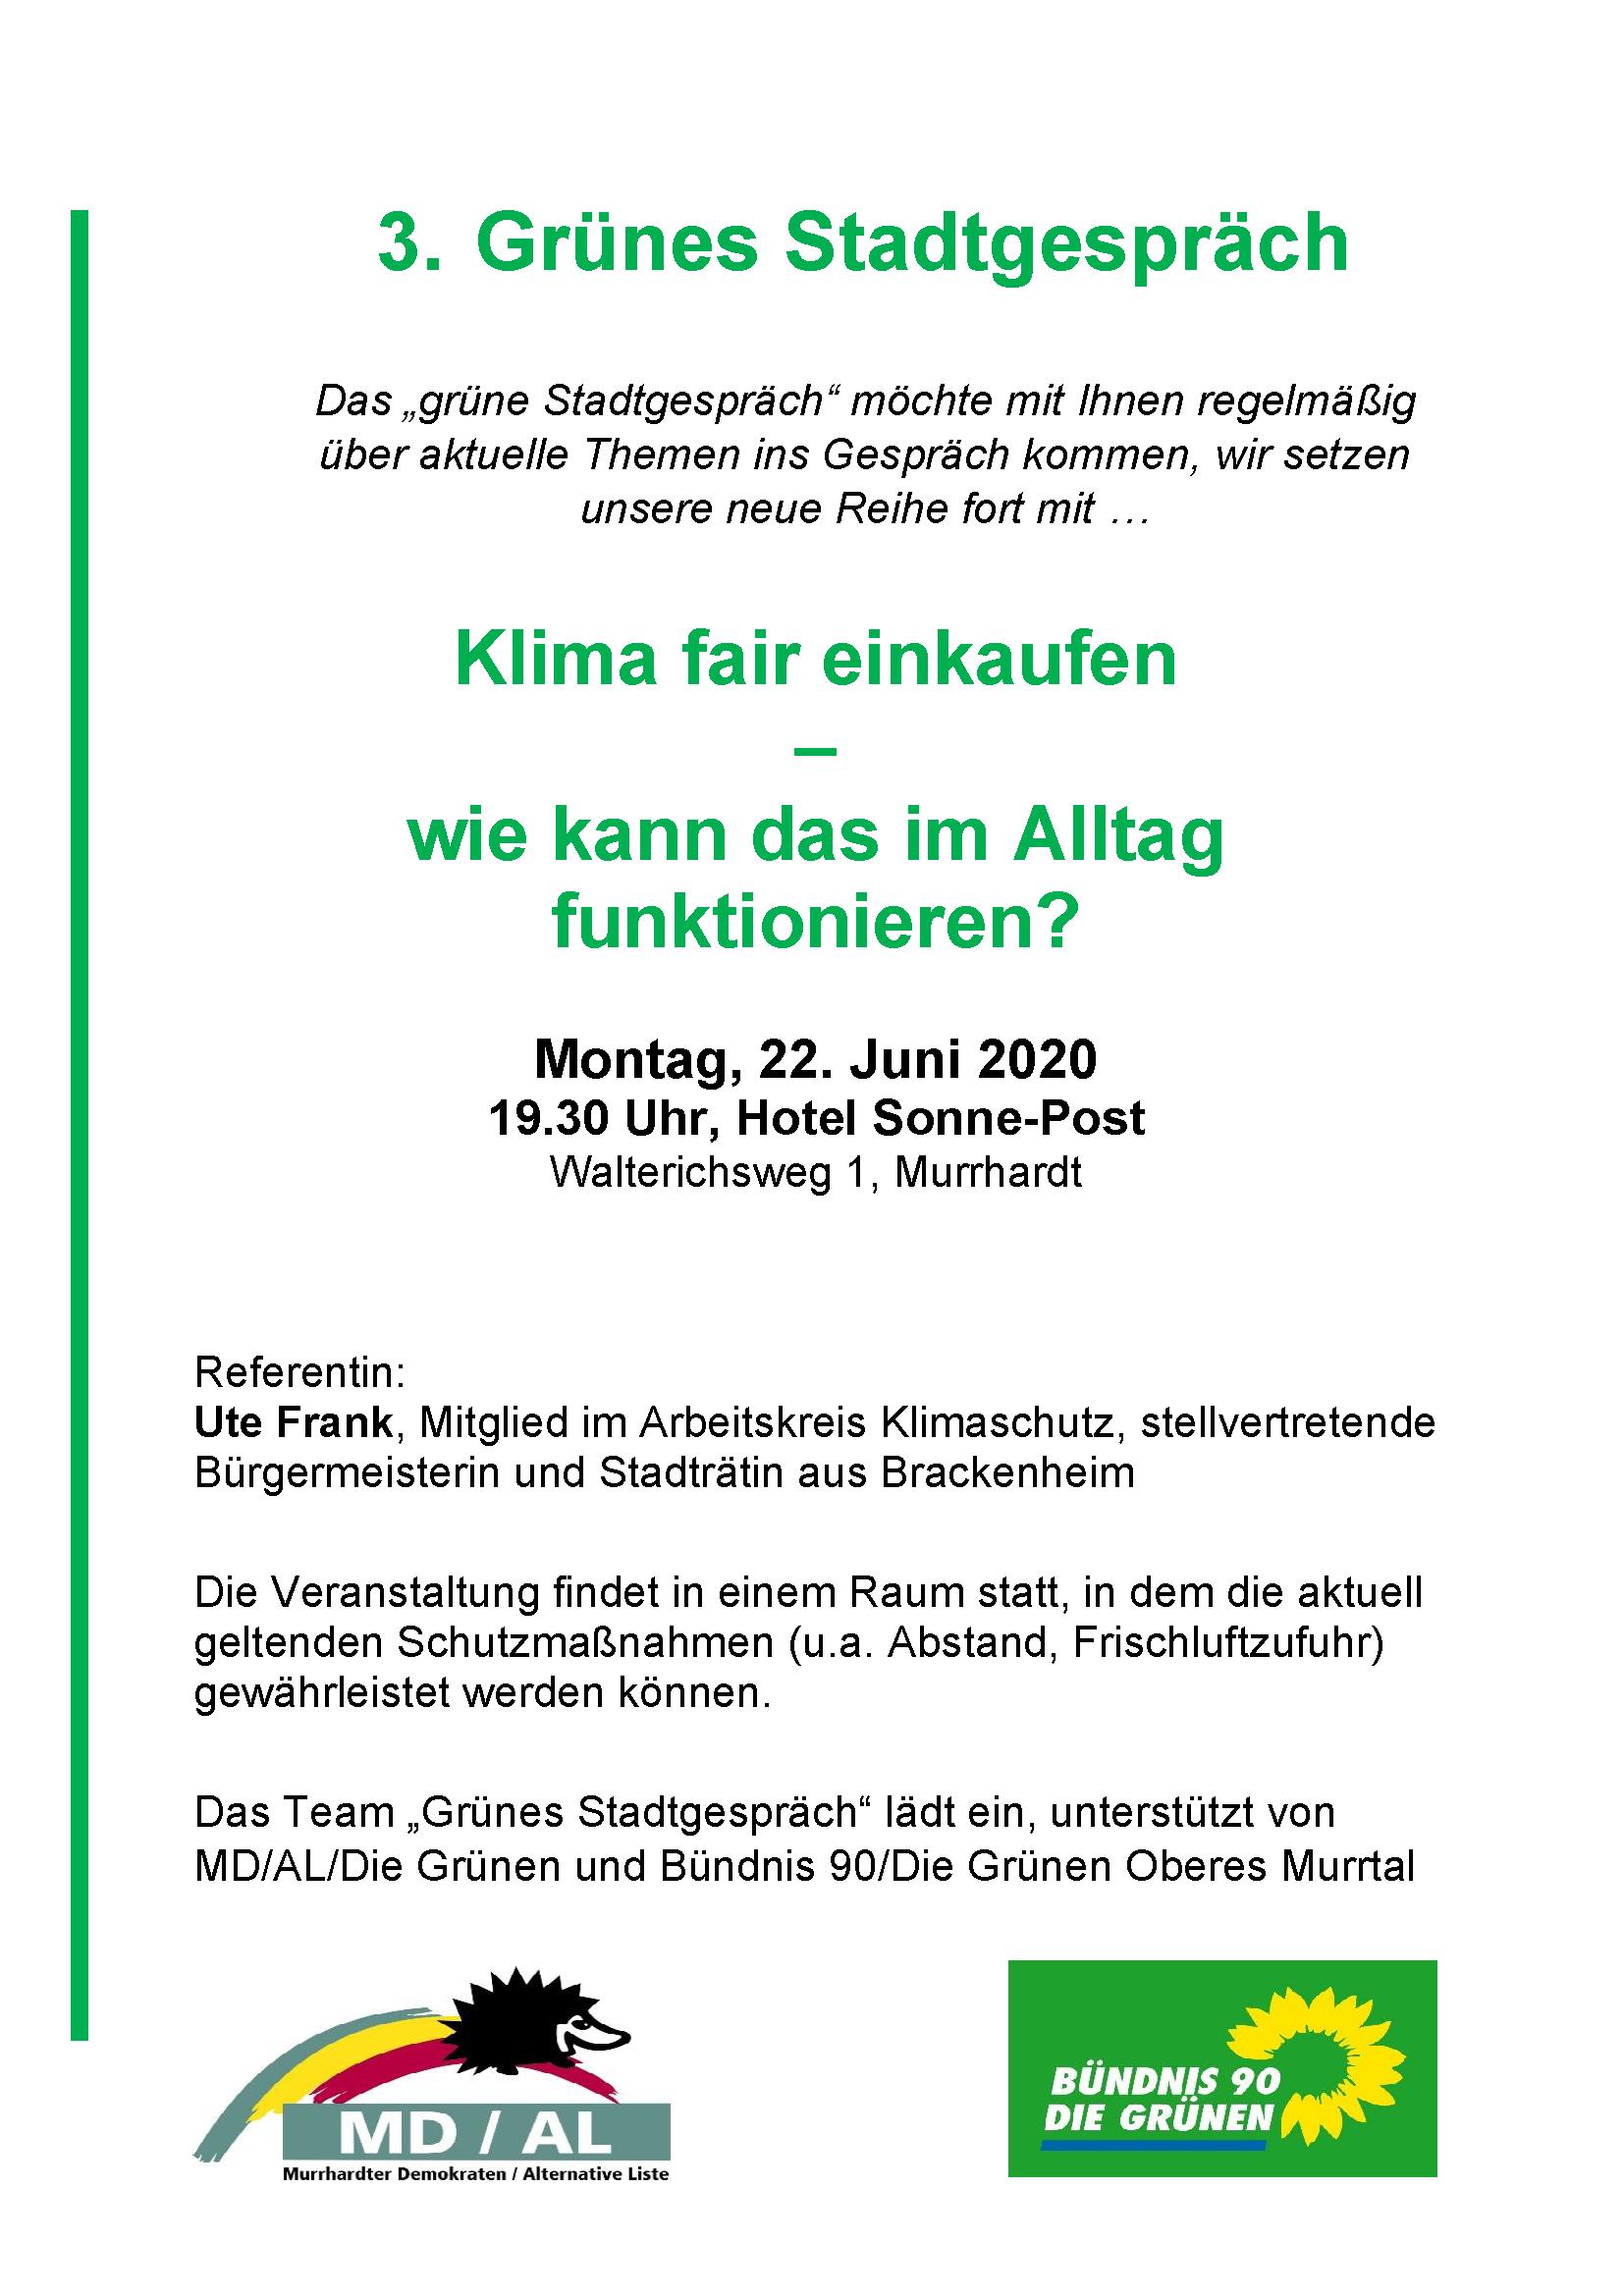 """3. Grünes Stadtgespräch am 22.06. 2020 zum Thema """"Klima fair einkaufen"""""""